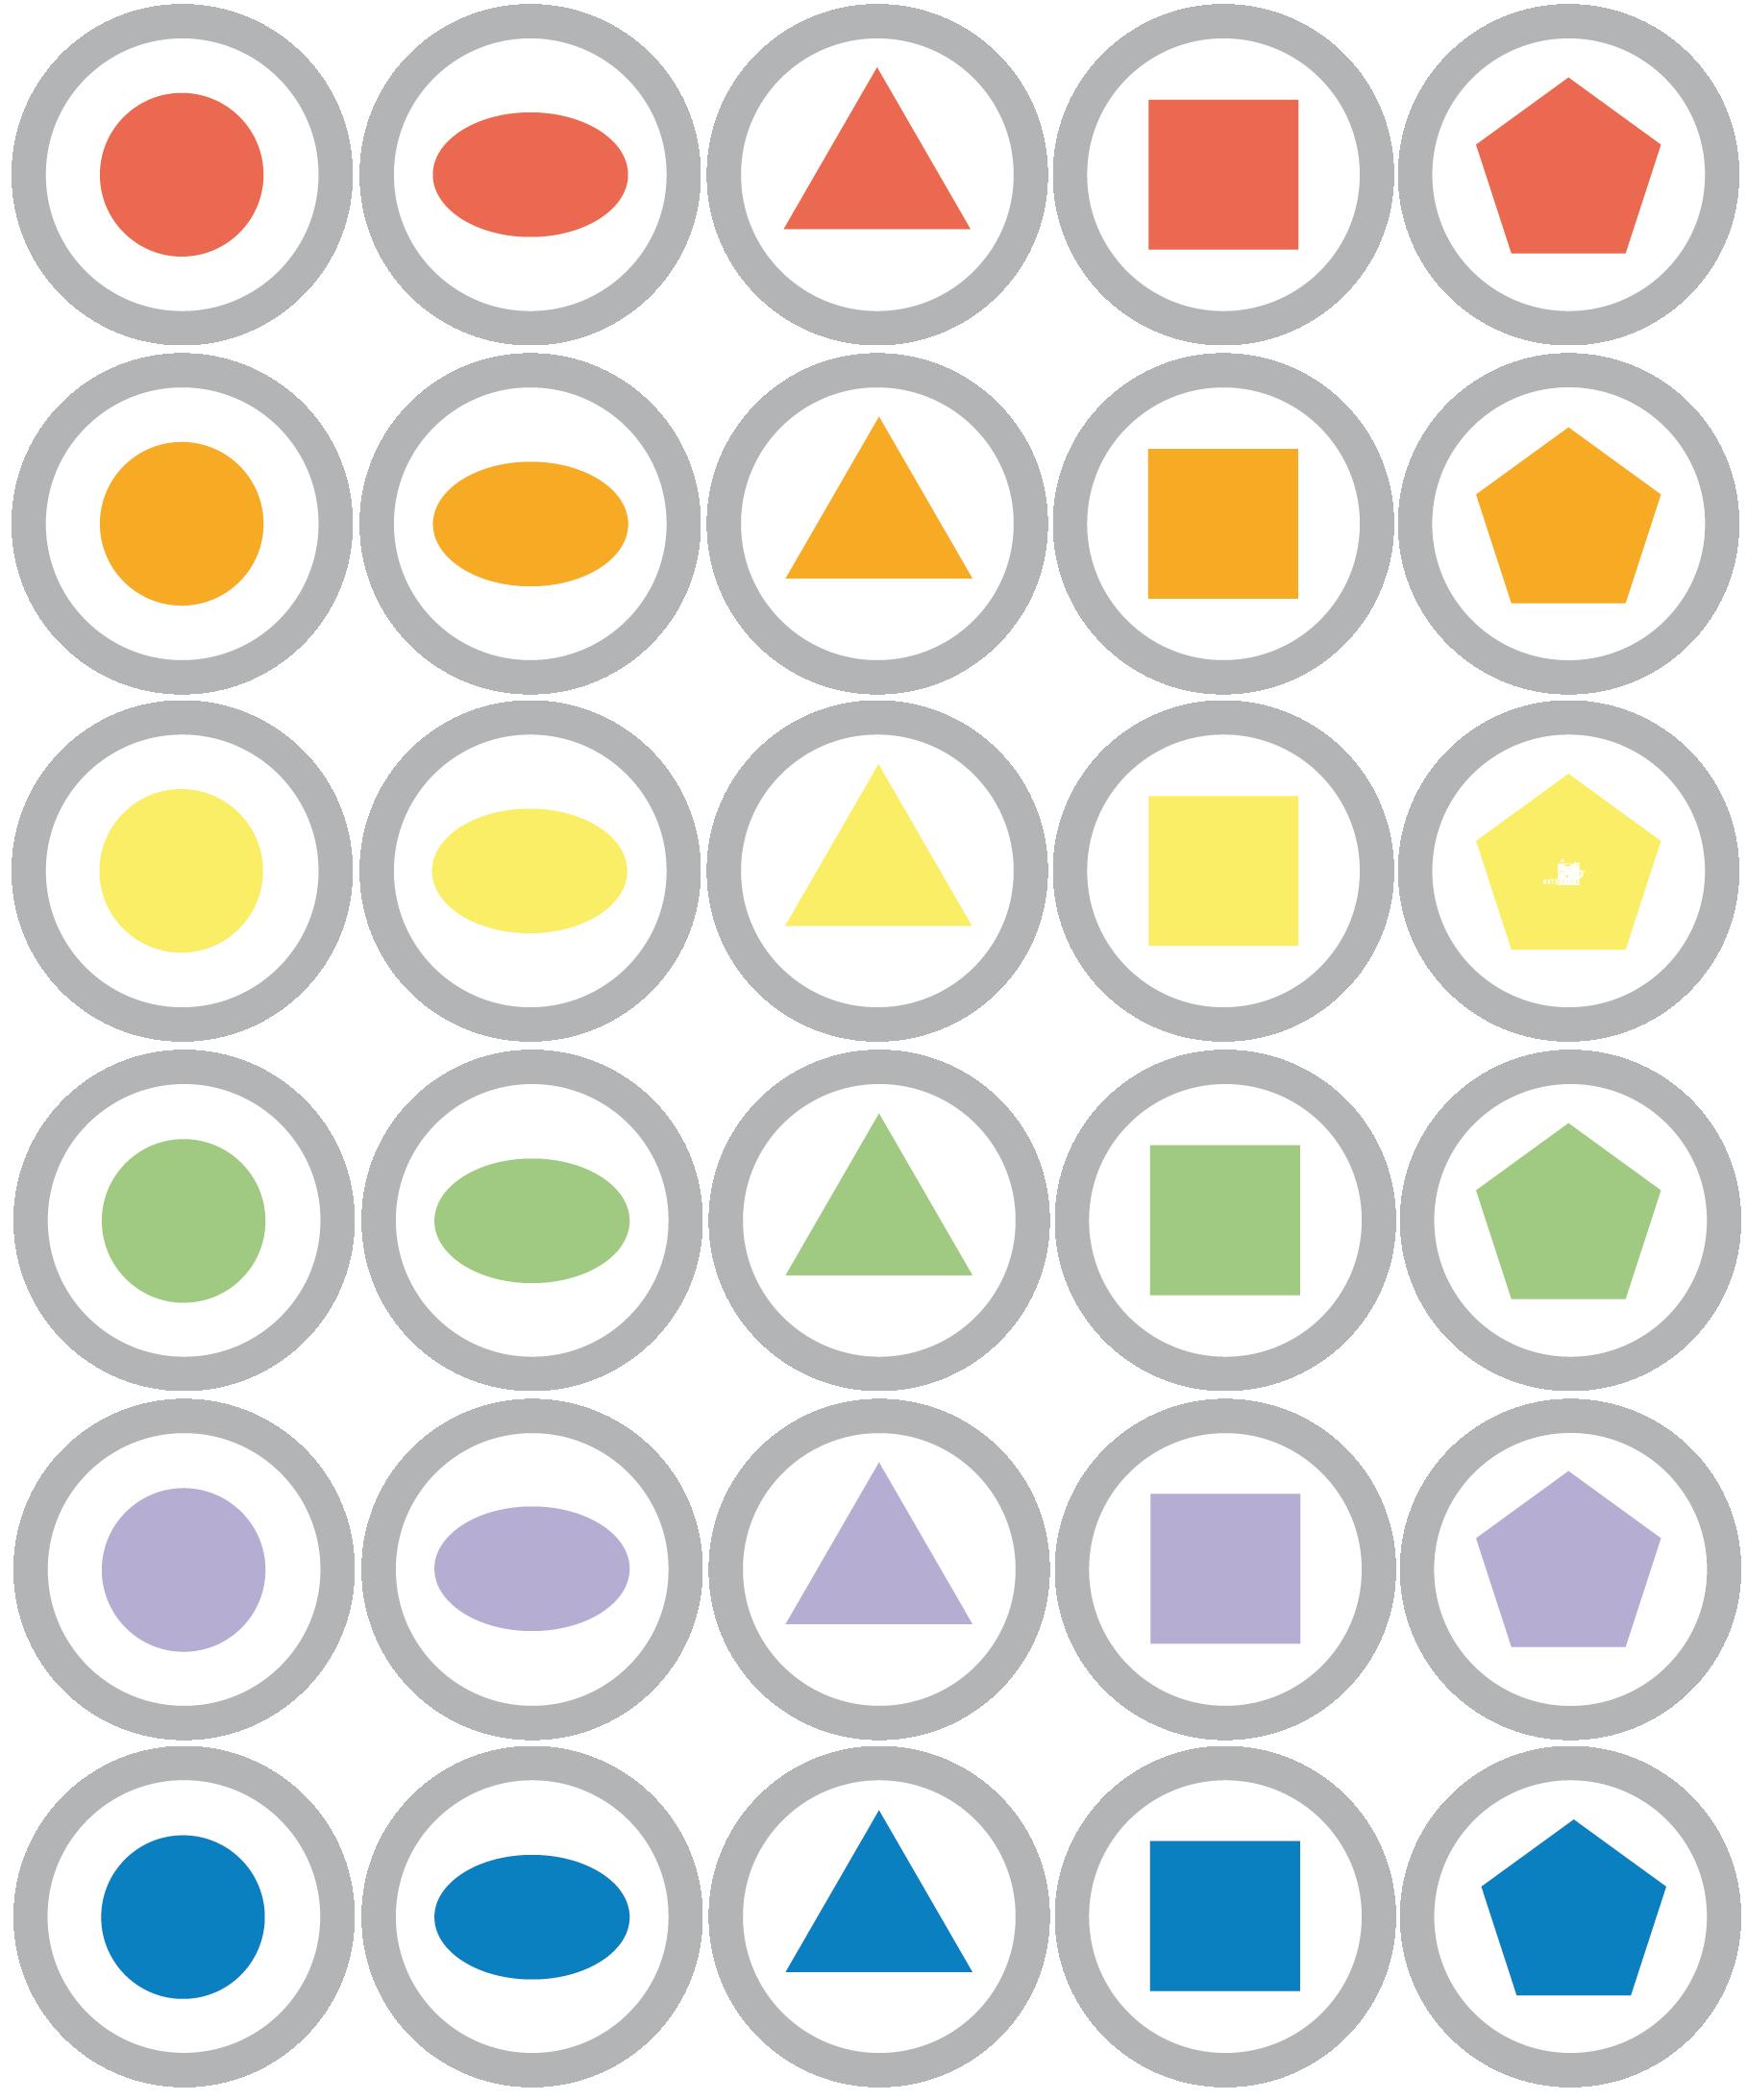 former-og-farver-figurer-sprogligt-laeringsmiljoe-paedagogisk-laeringsmiljoe-sprogstimulering-aestetisk-boernemiljoe-boern-og-farver-mutedesign